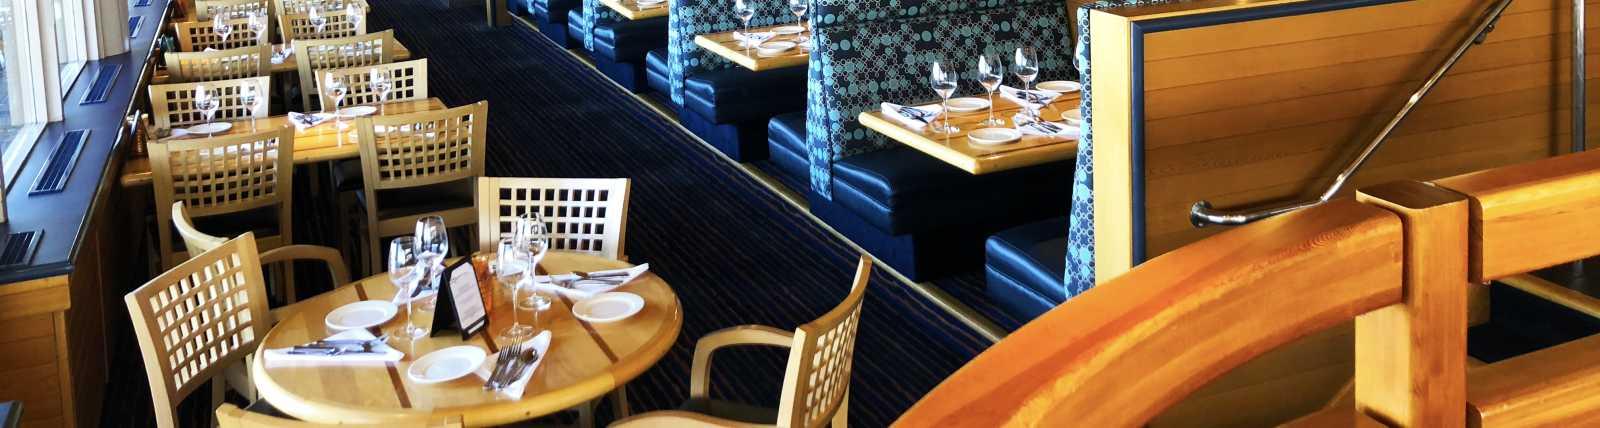 Interior upstairs dining room